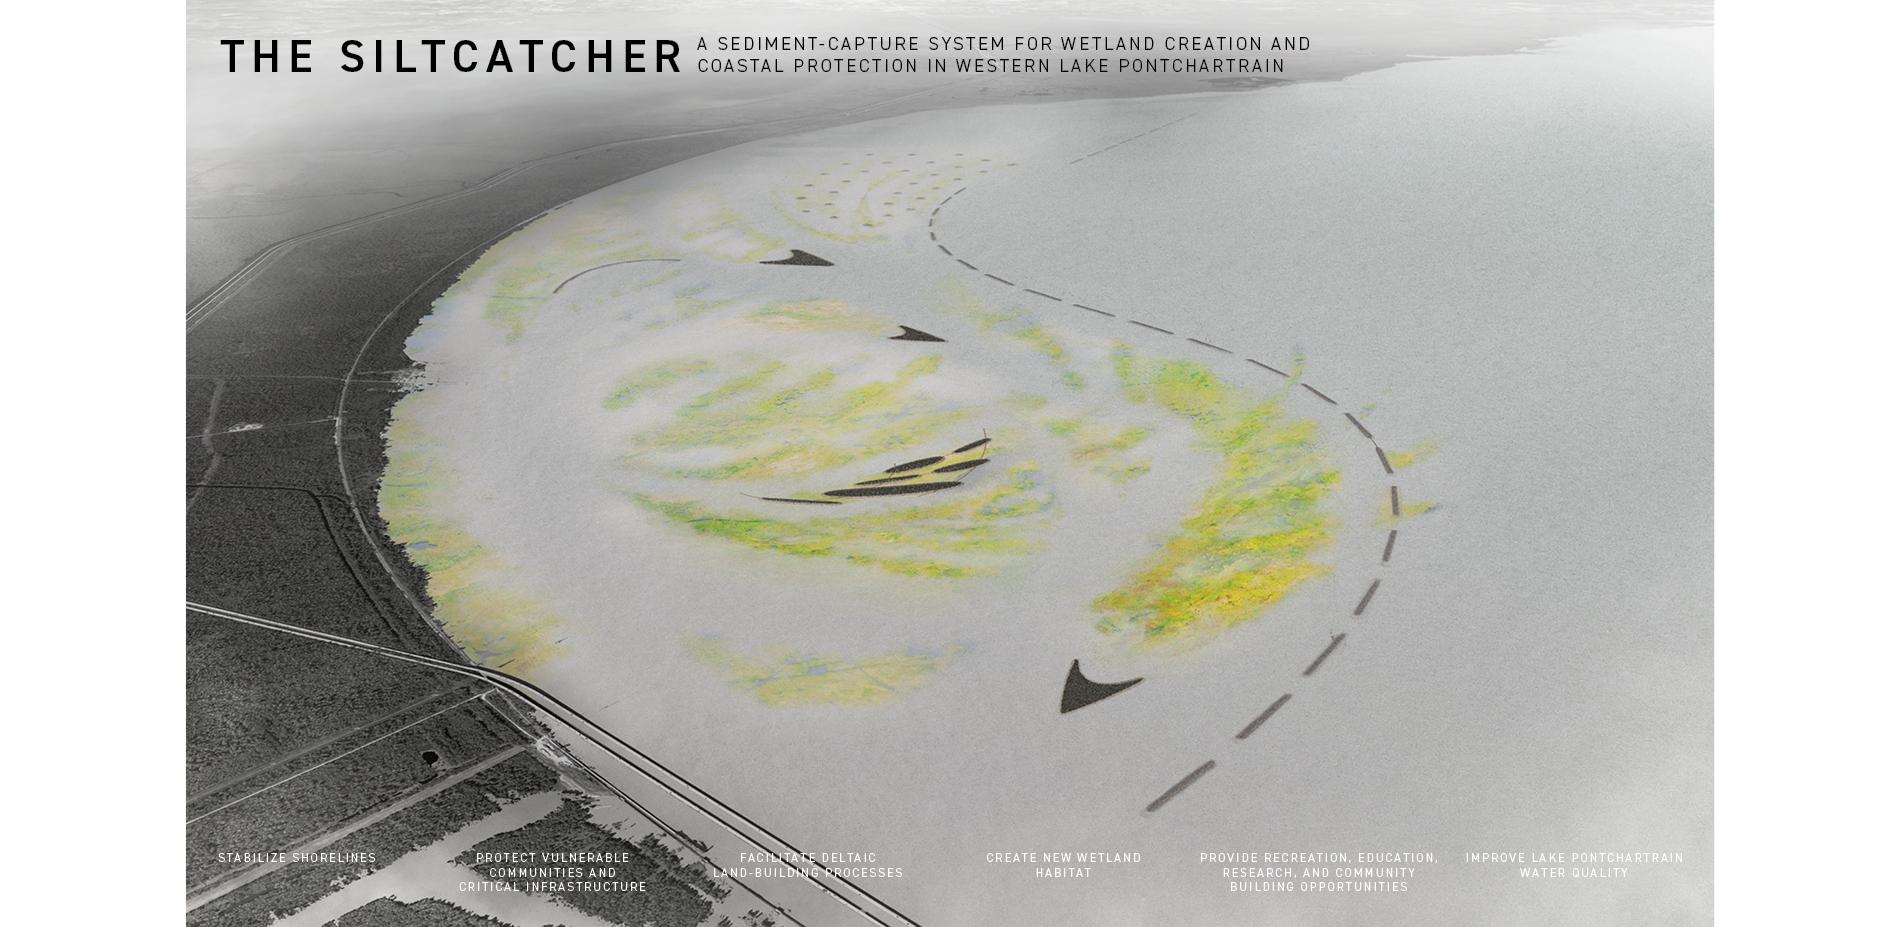 The Siltcatcher